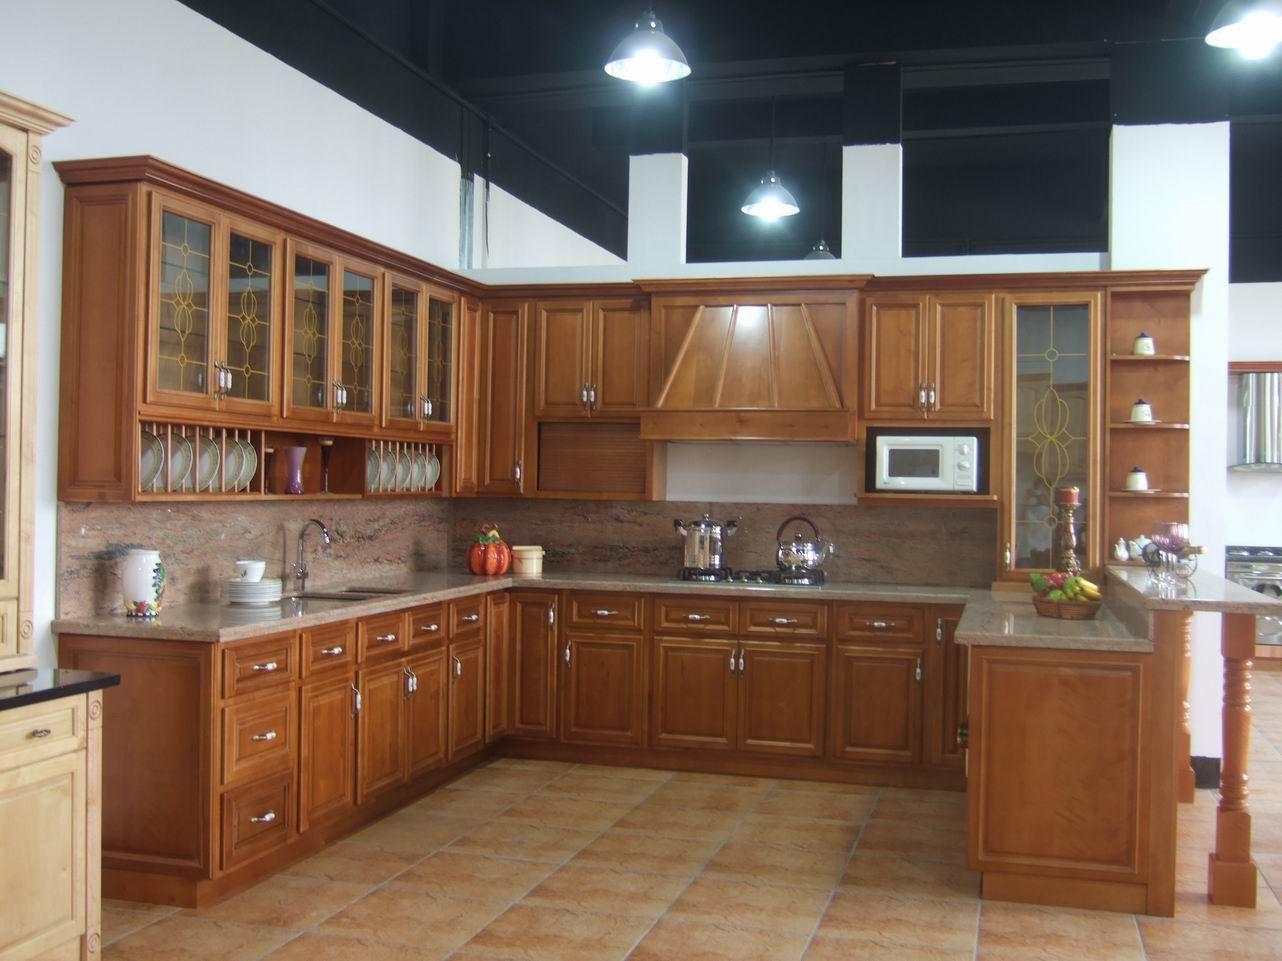 home design kitchen cabinets kitchen and decor regarding kitchen ...